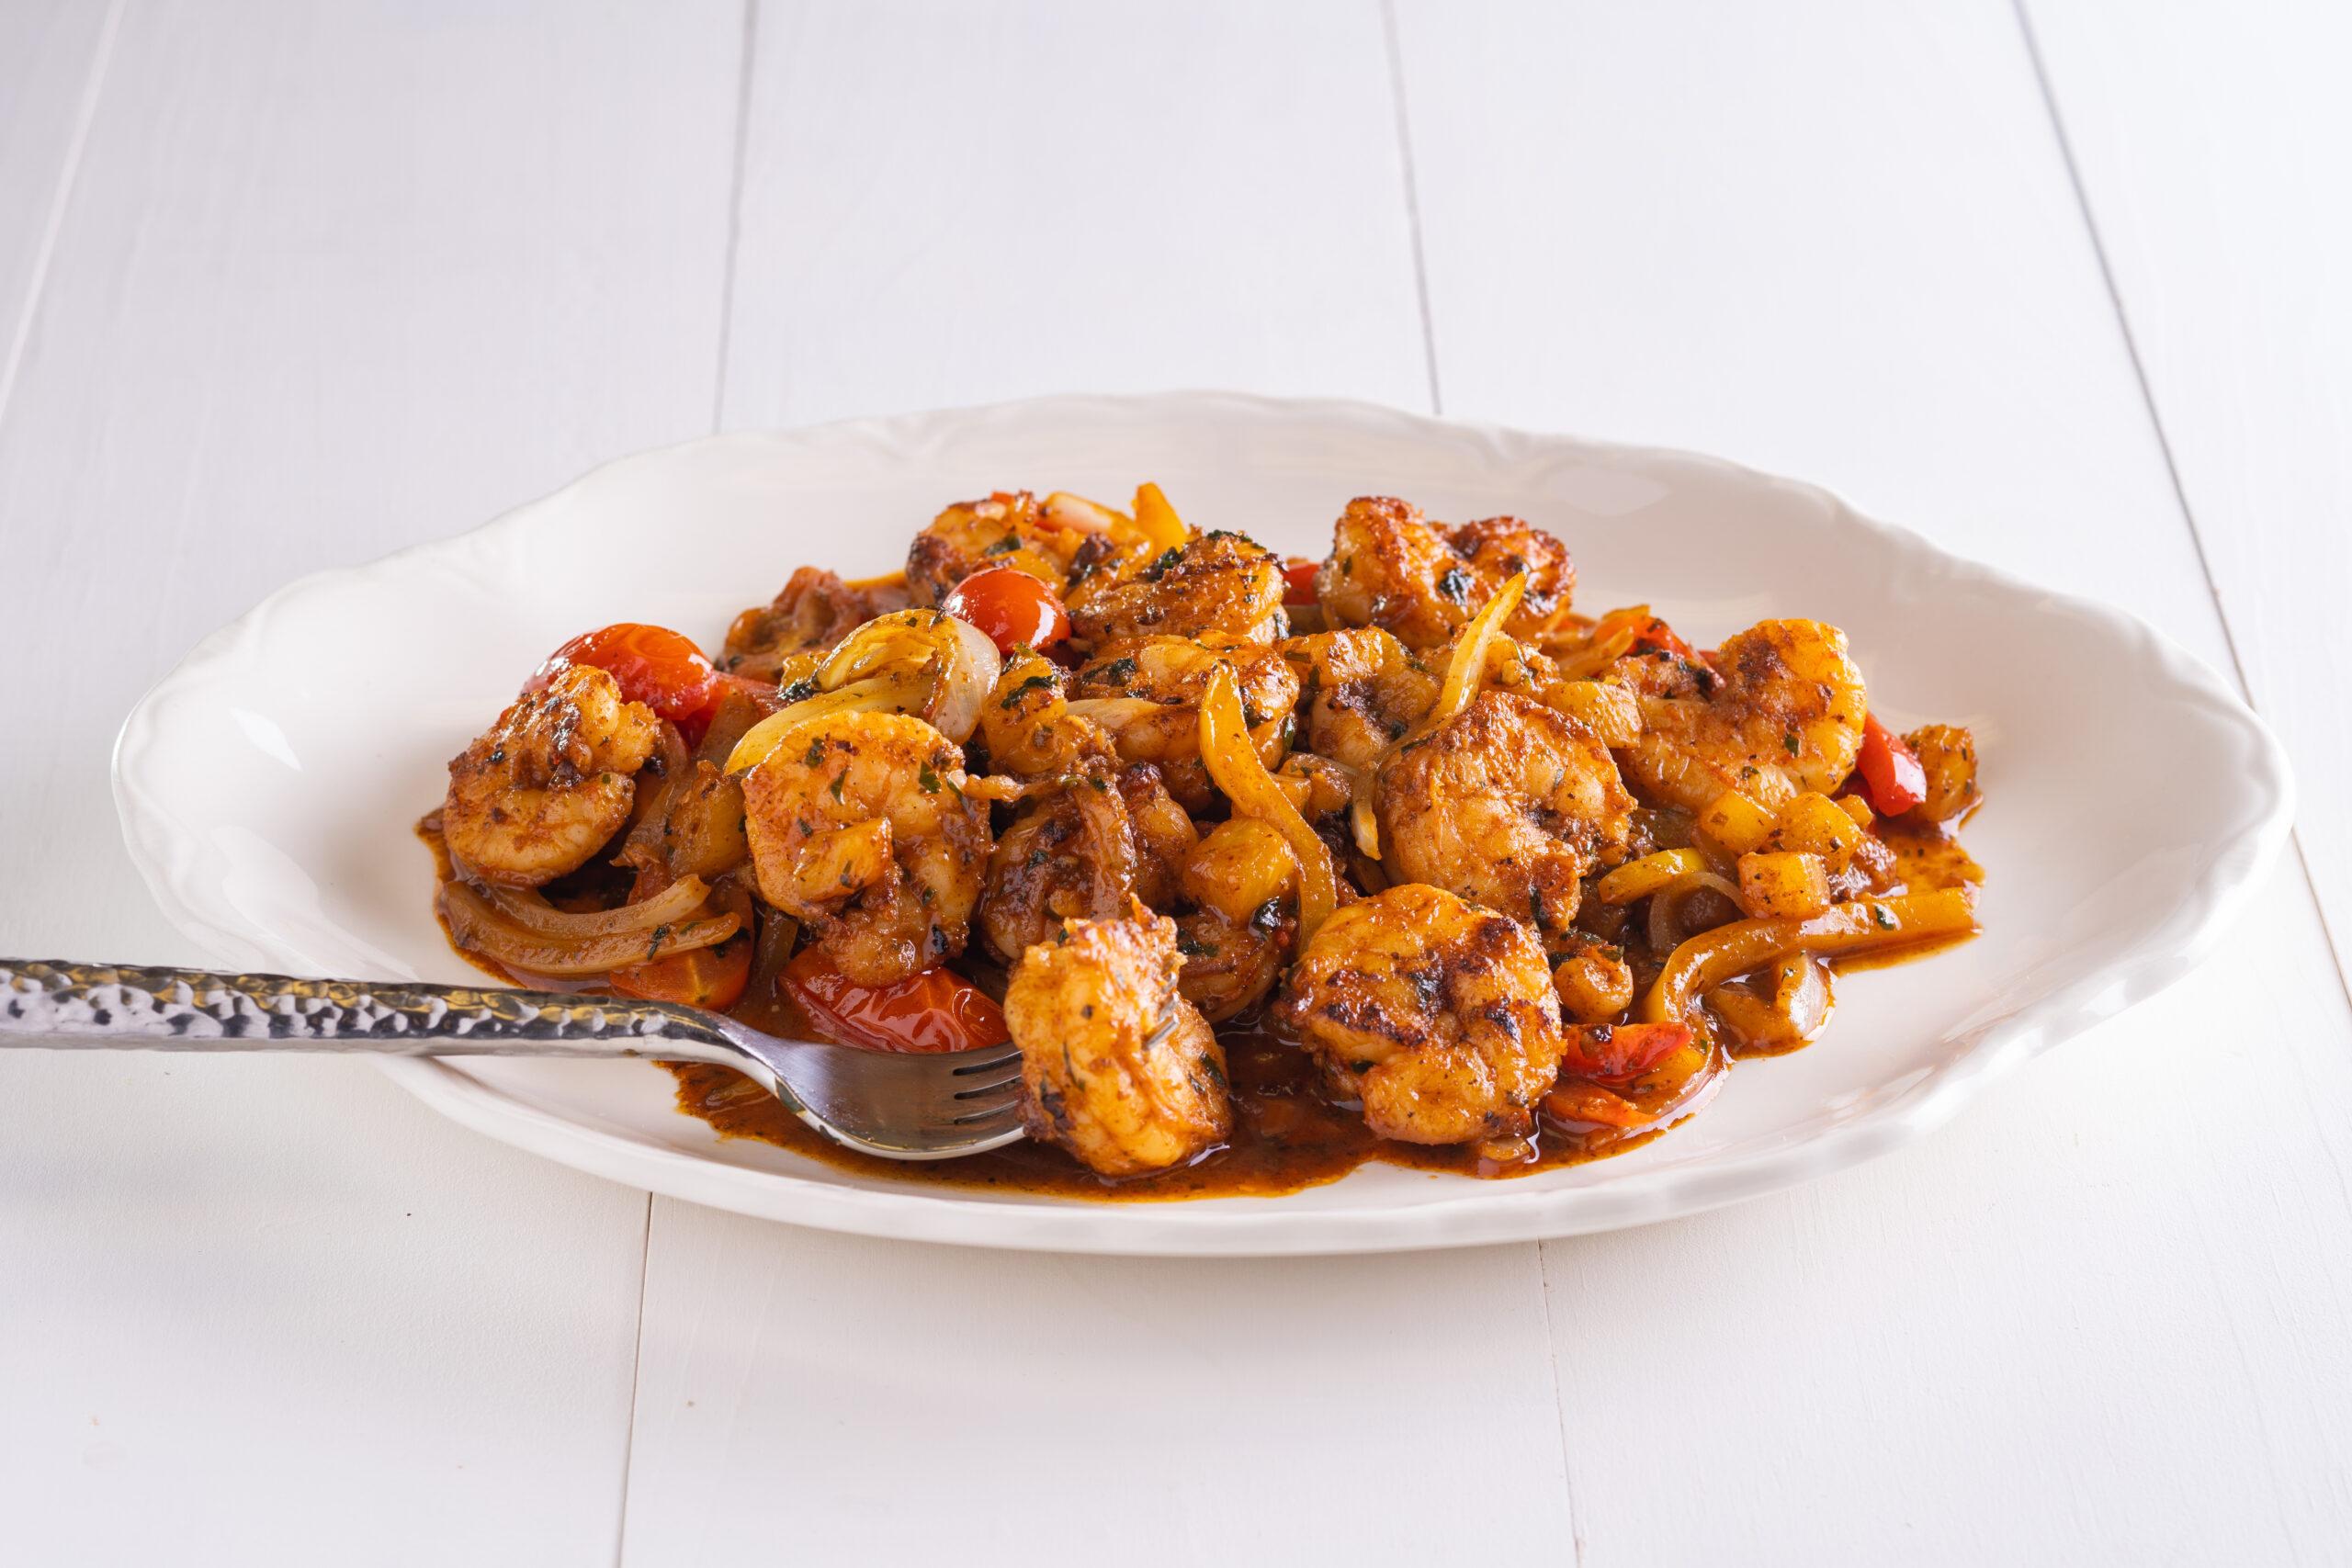 Pineapple, Pepper & Shrimp Stir-Fry